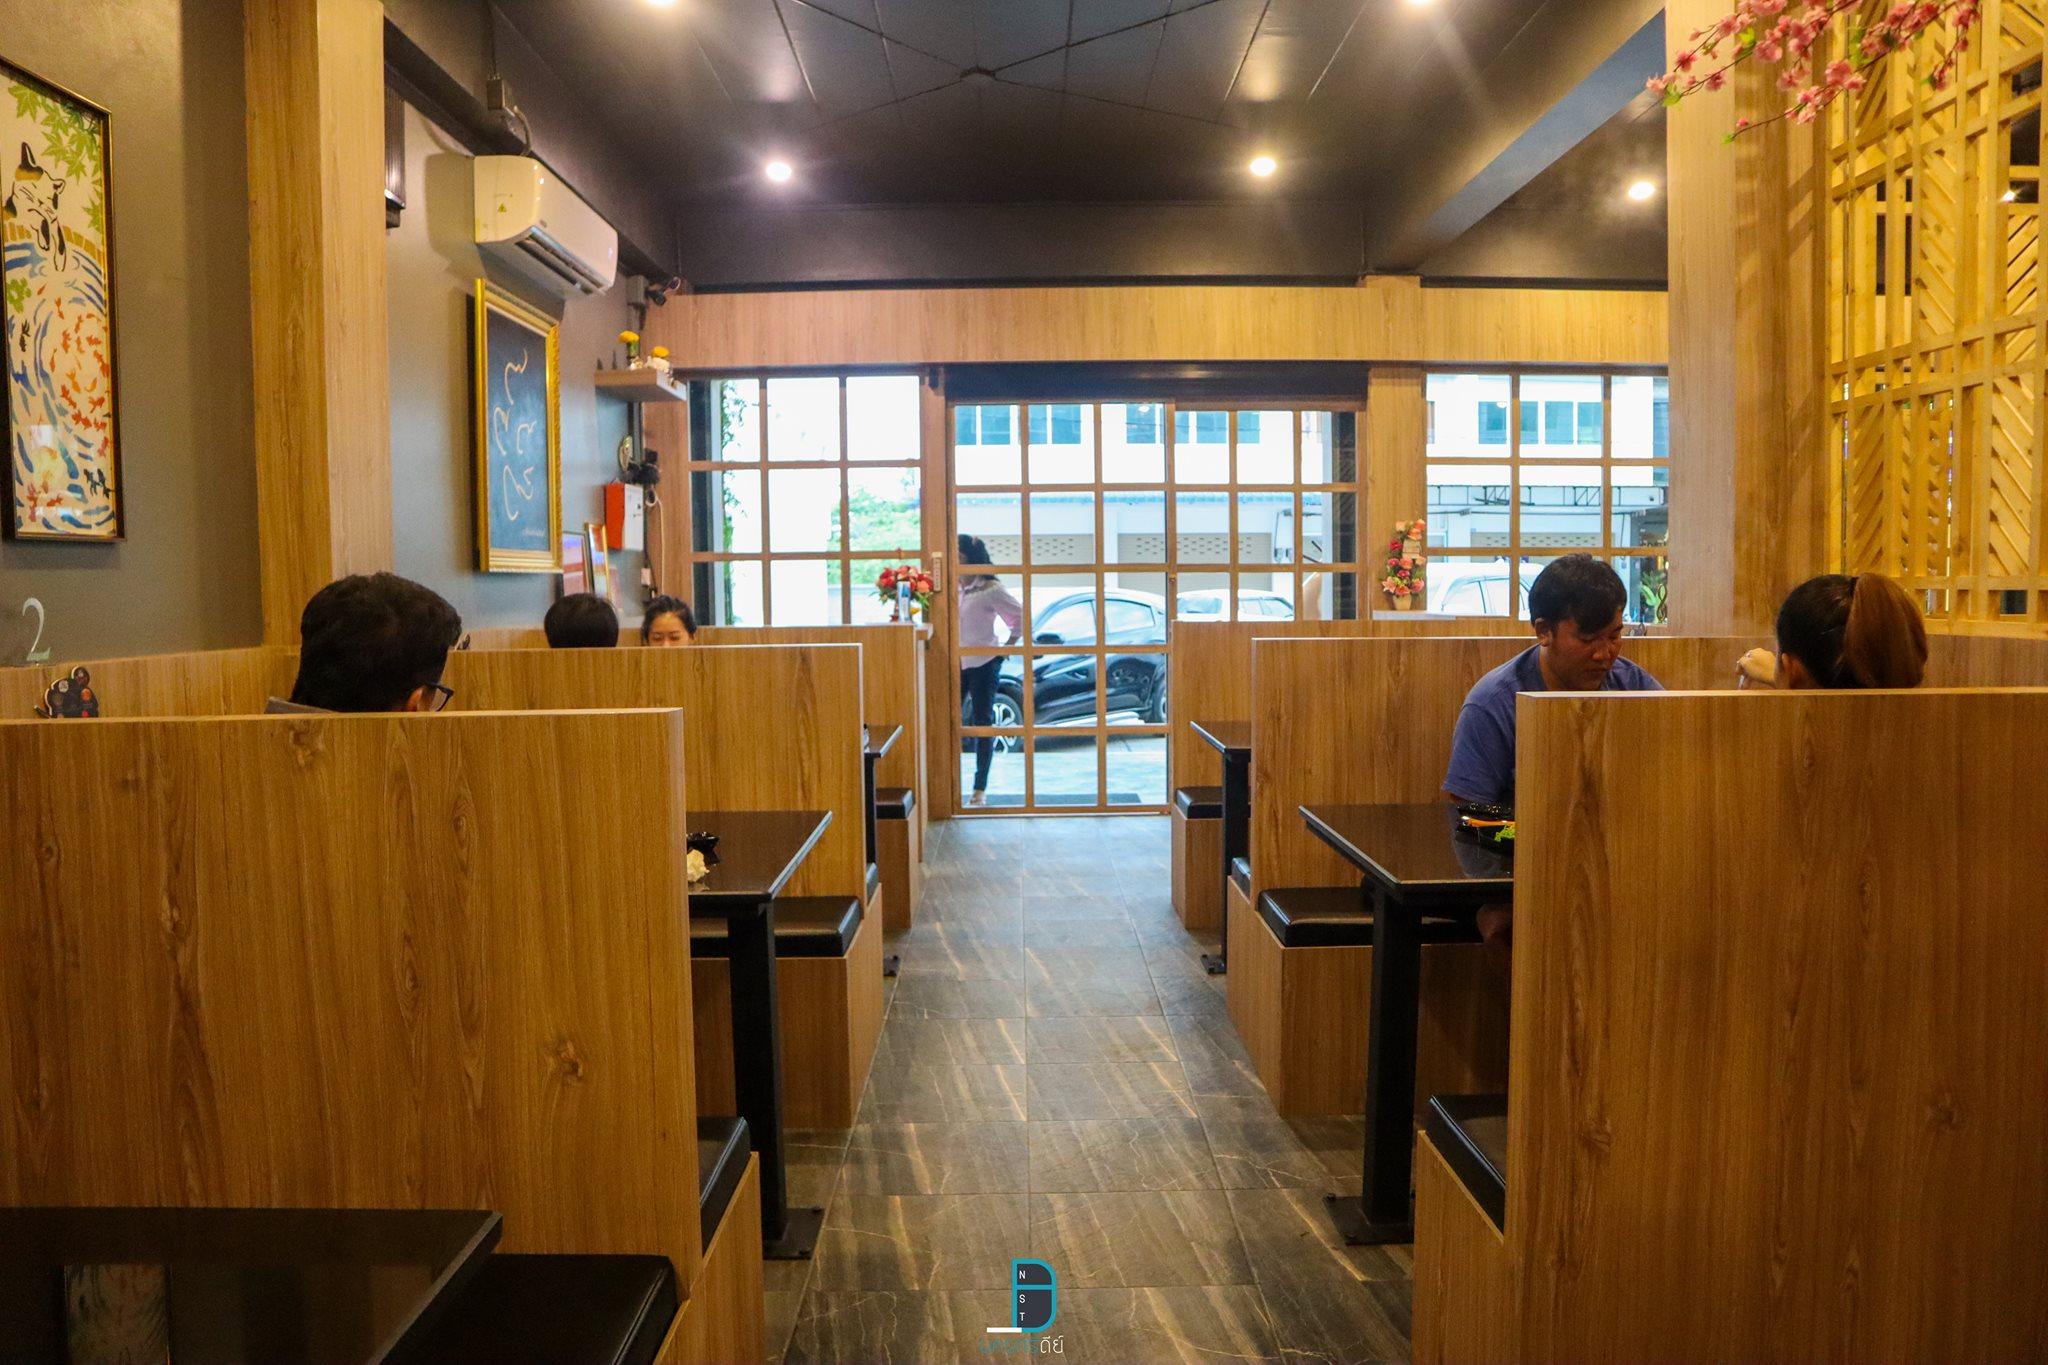 Shabu Shin ร้านชาบูเด็ดใหม่ นครศรีธรรมราช อร่อยฟินครบจบในที่เดียว ไม่จำกัดเวลา นครศรีดีย์